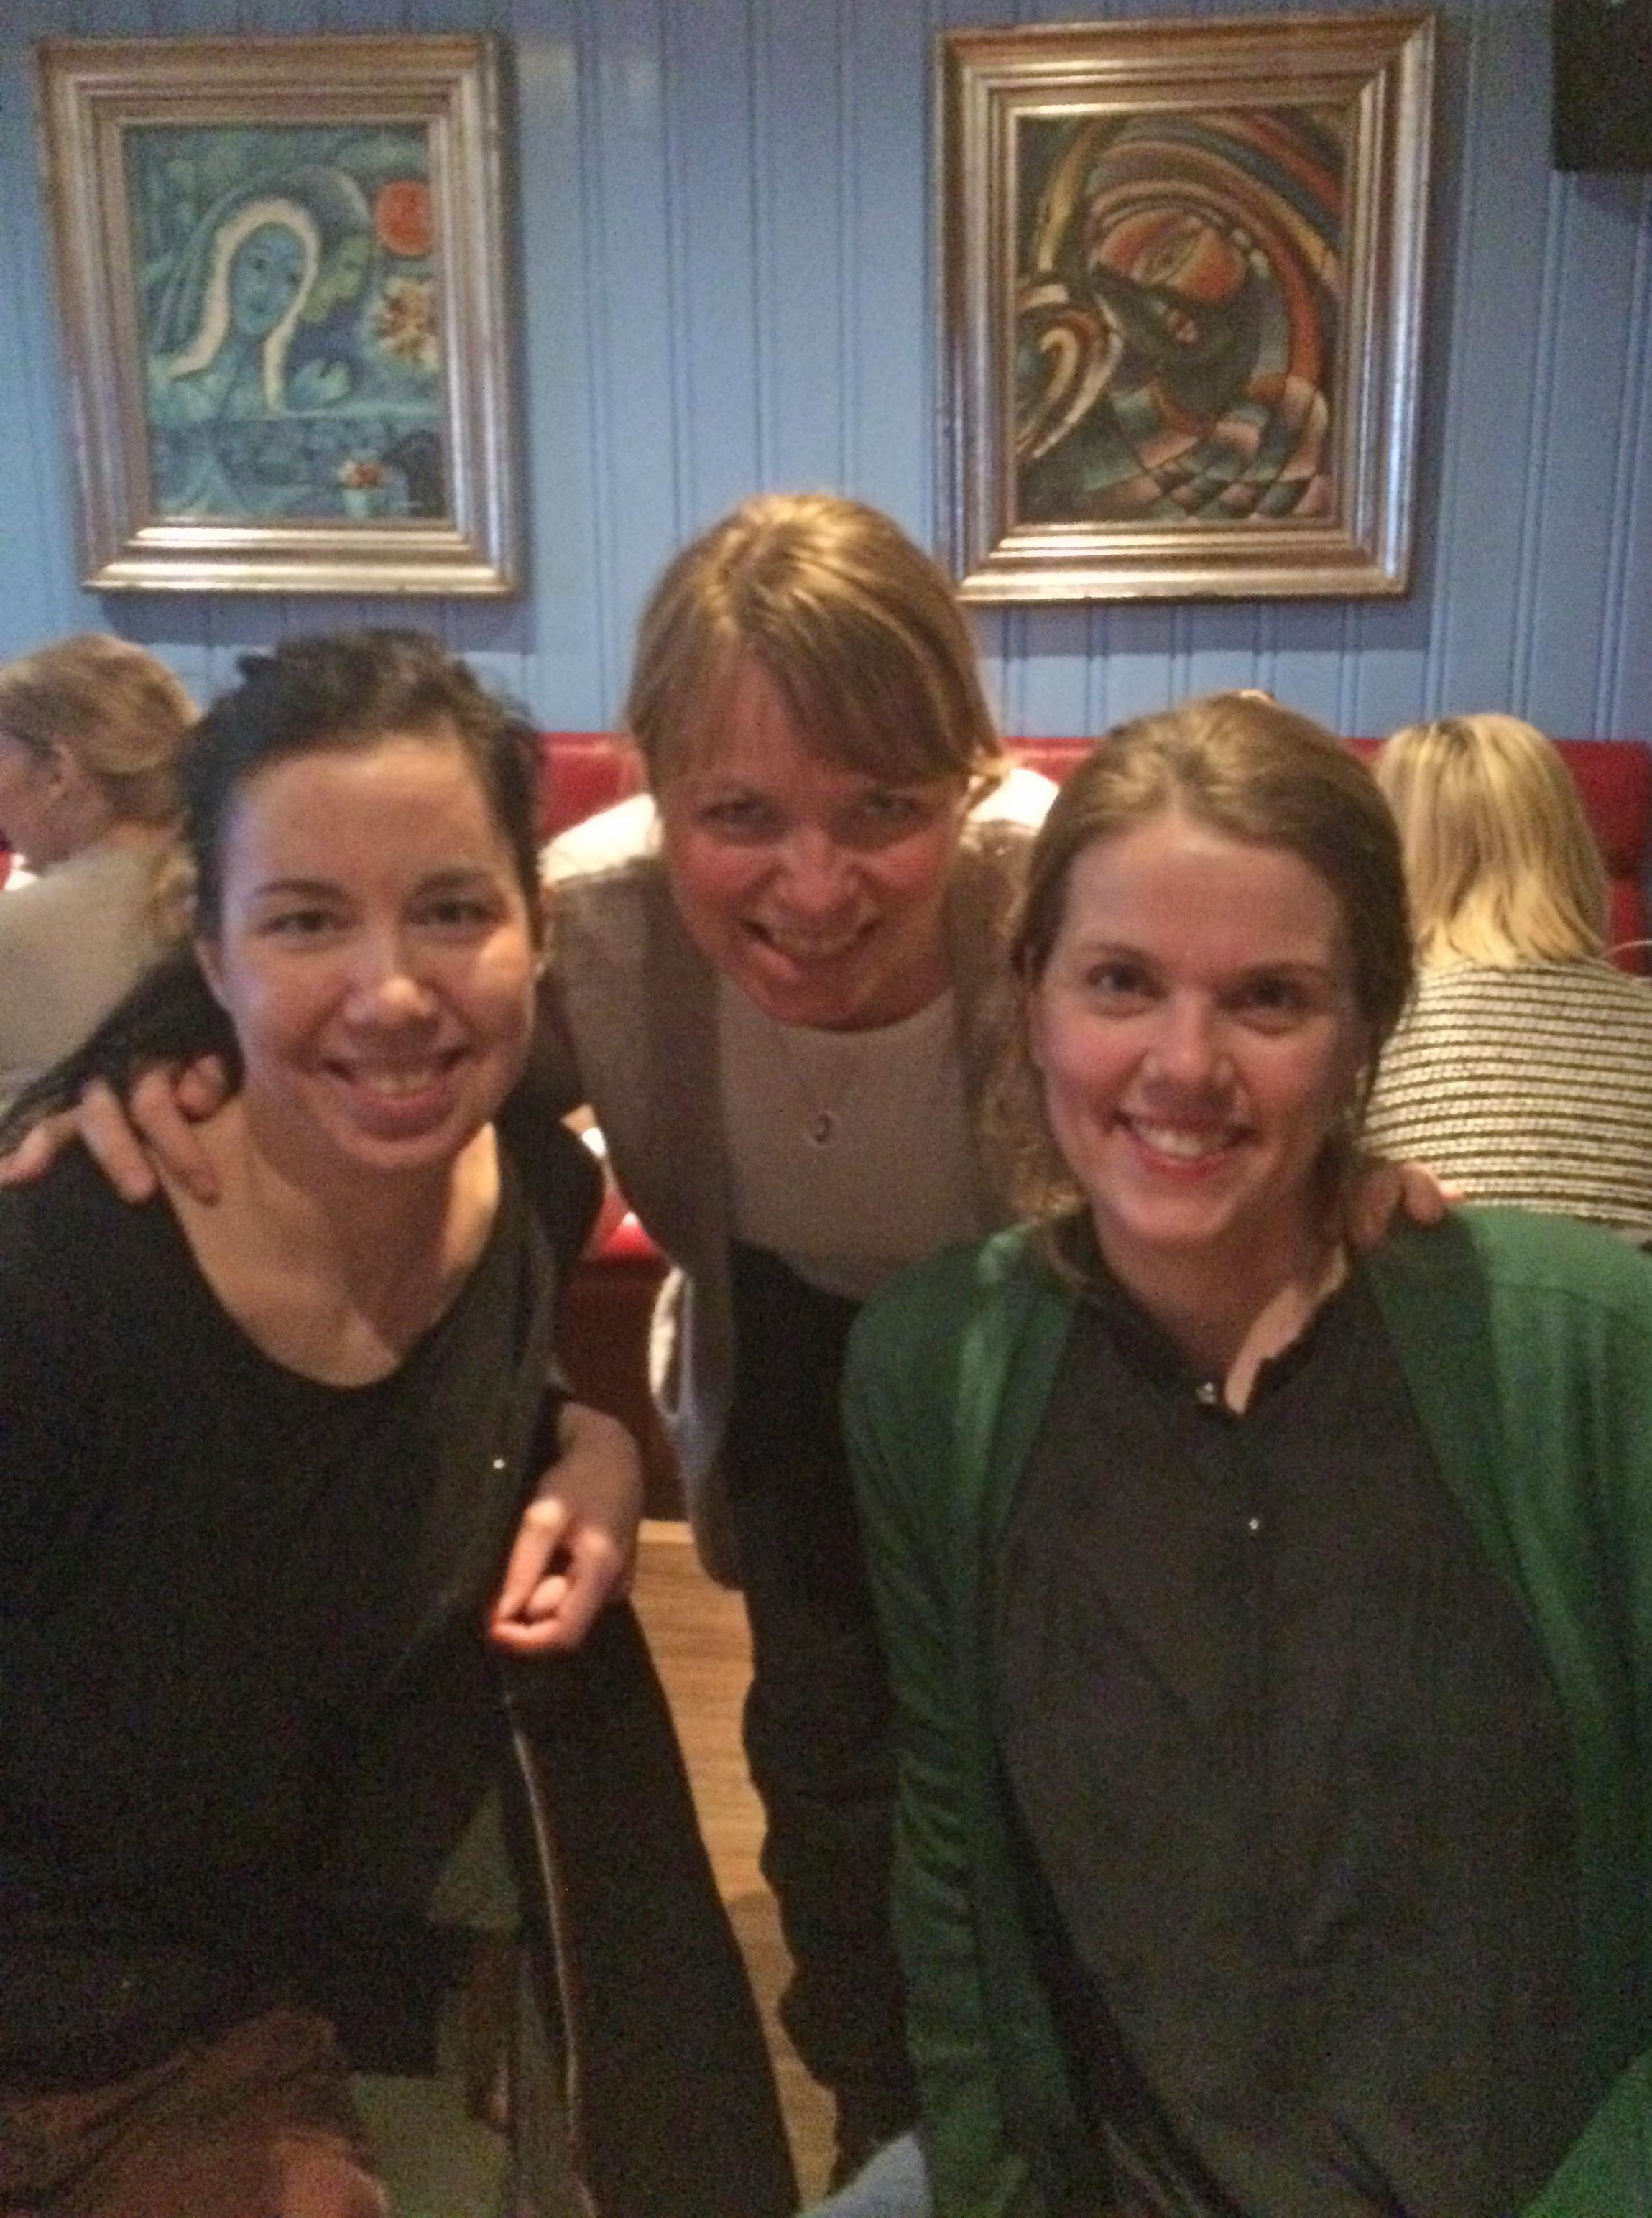 På bildet ser du Jelena Mirkovic og Olöf Birna Kristjansdottir fra Senter for pasientmedvirkning og samhandlingsforskning, Una Stenberg Nasjonal kompetansetjeneste for læring og mestring innen helse (NK LMH) i midten bak.